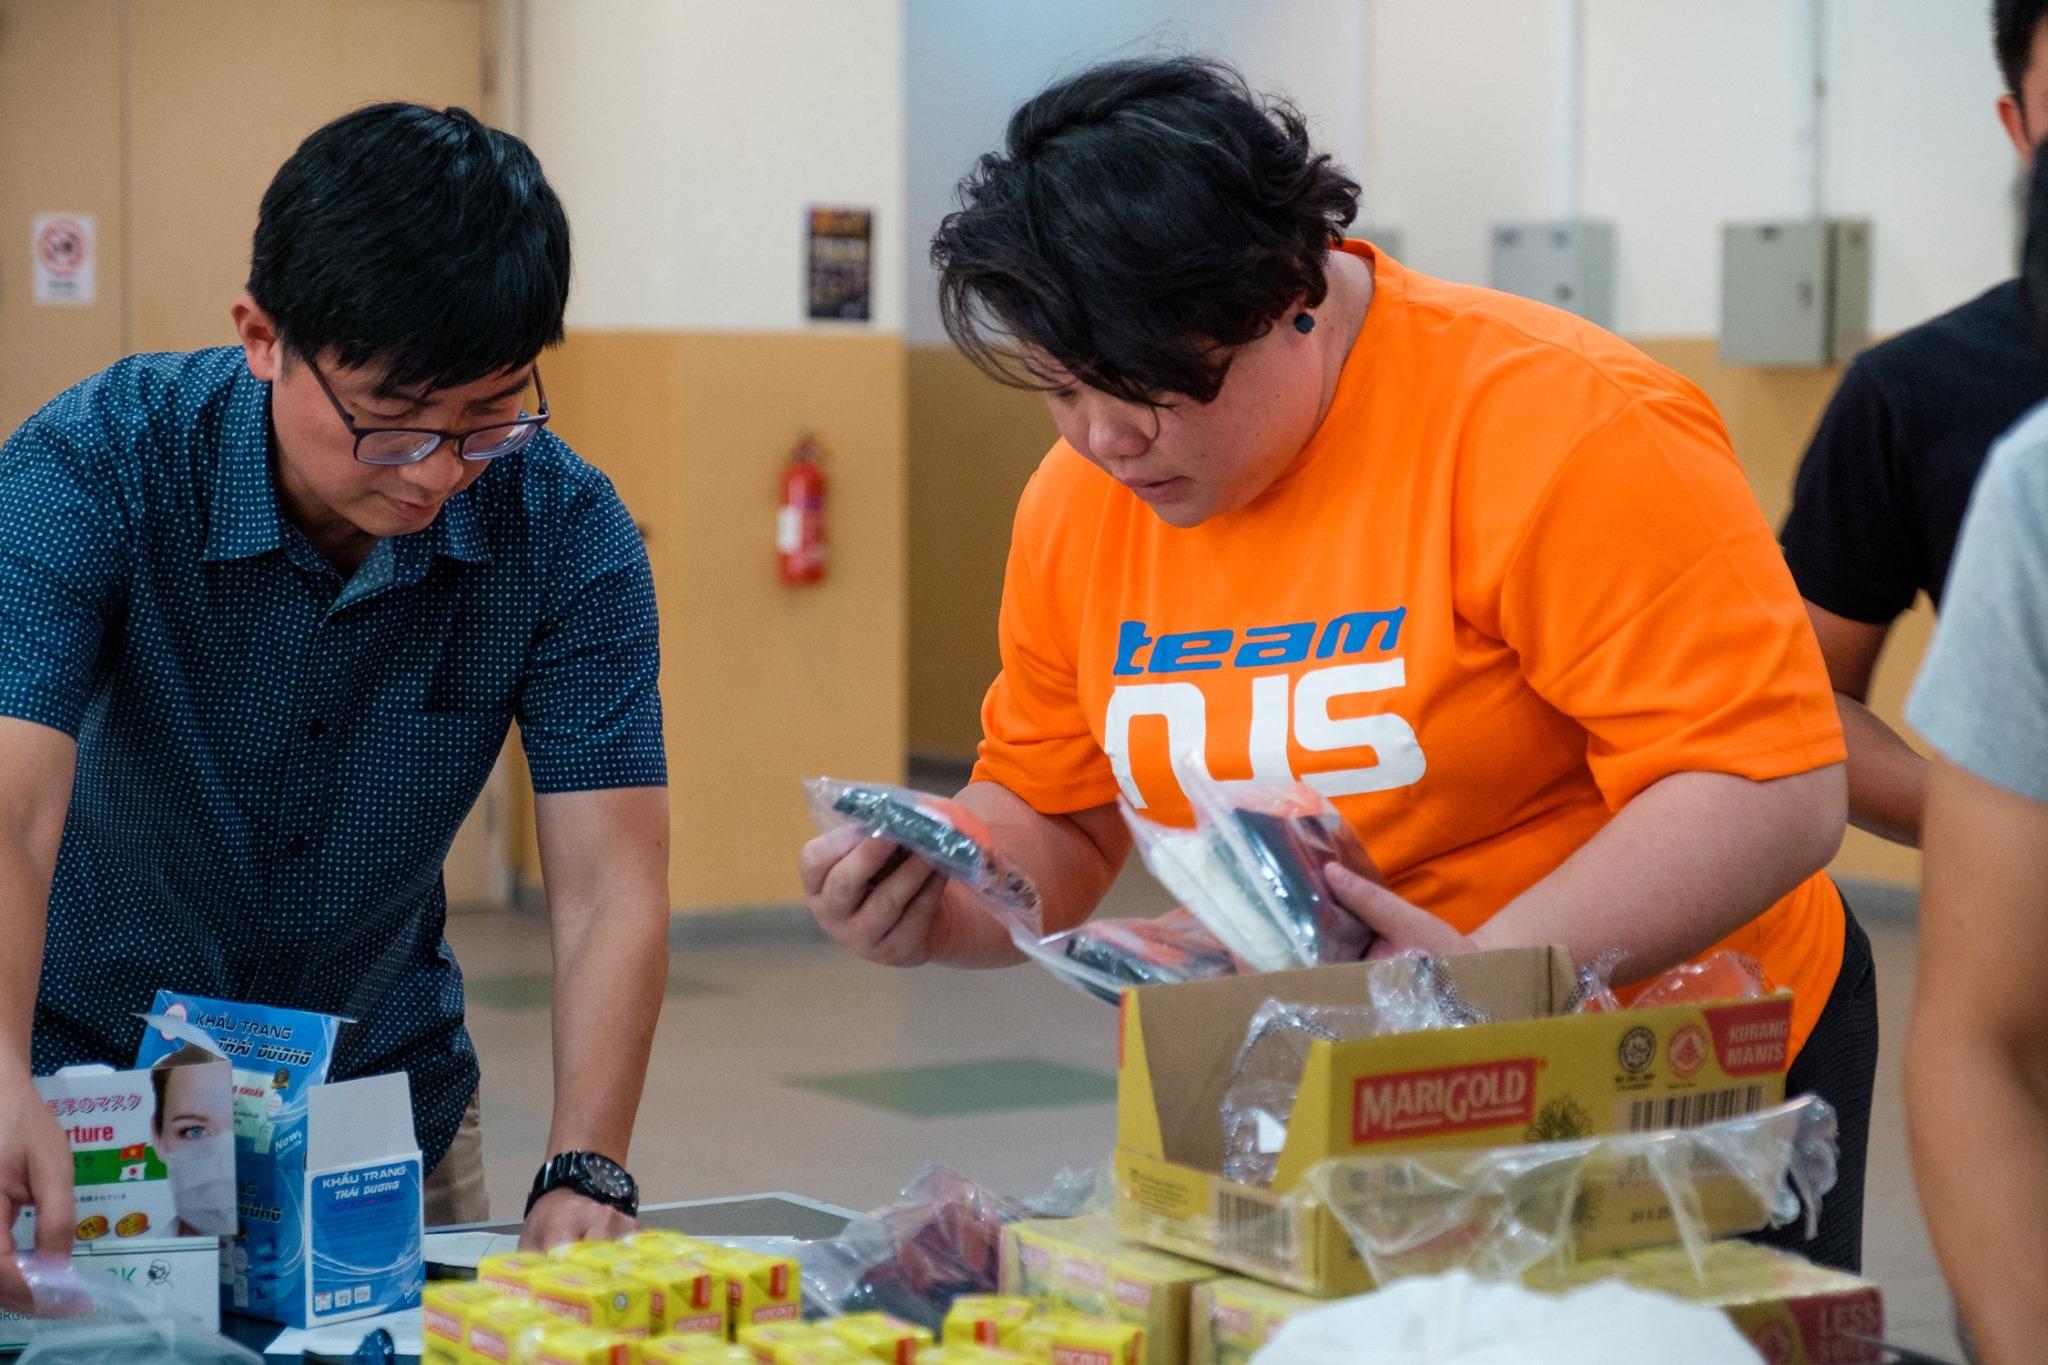 nus students packing welfare packs